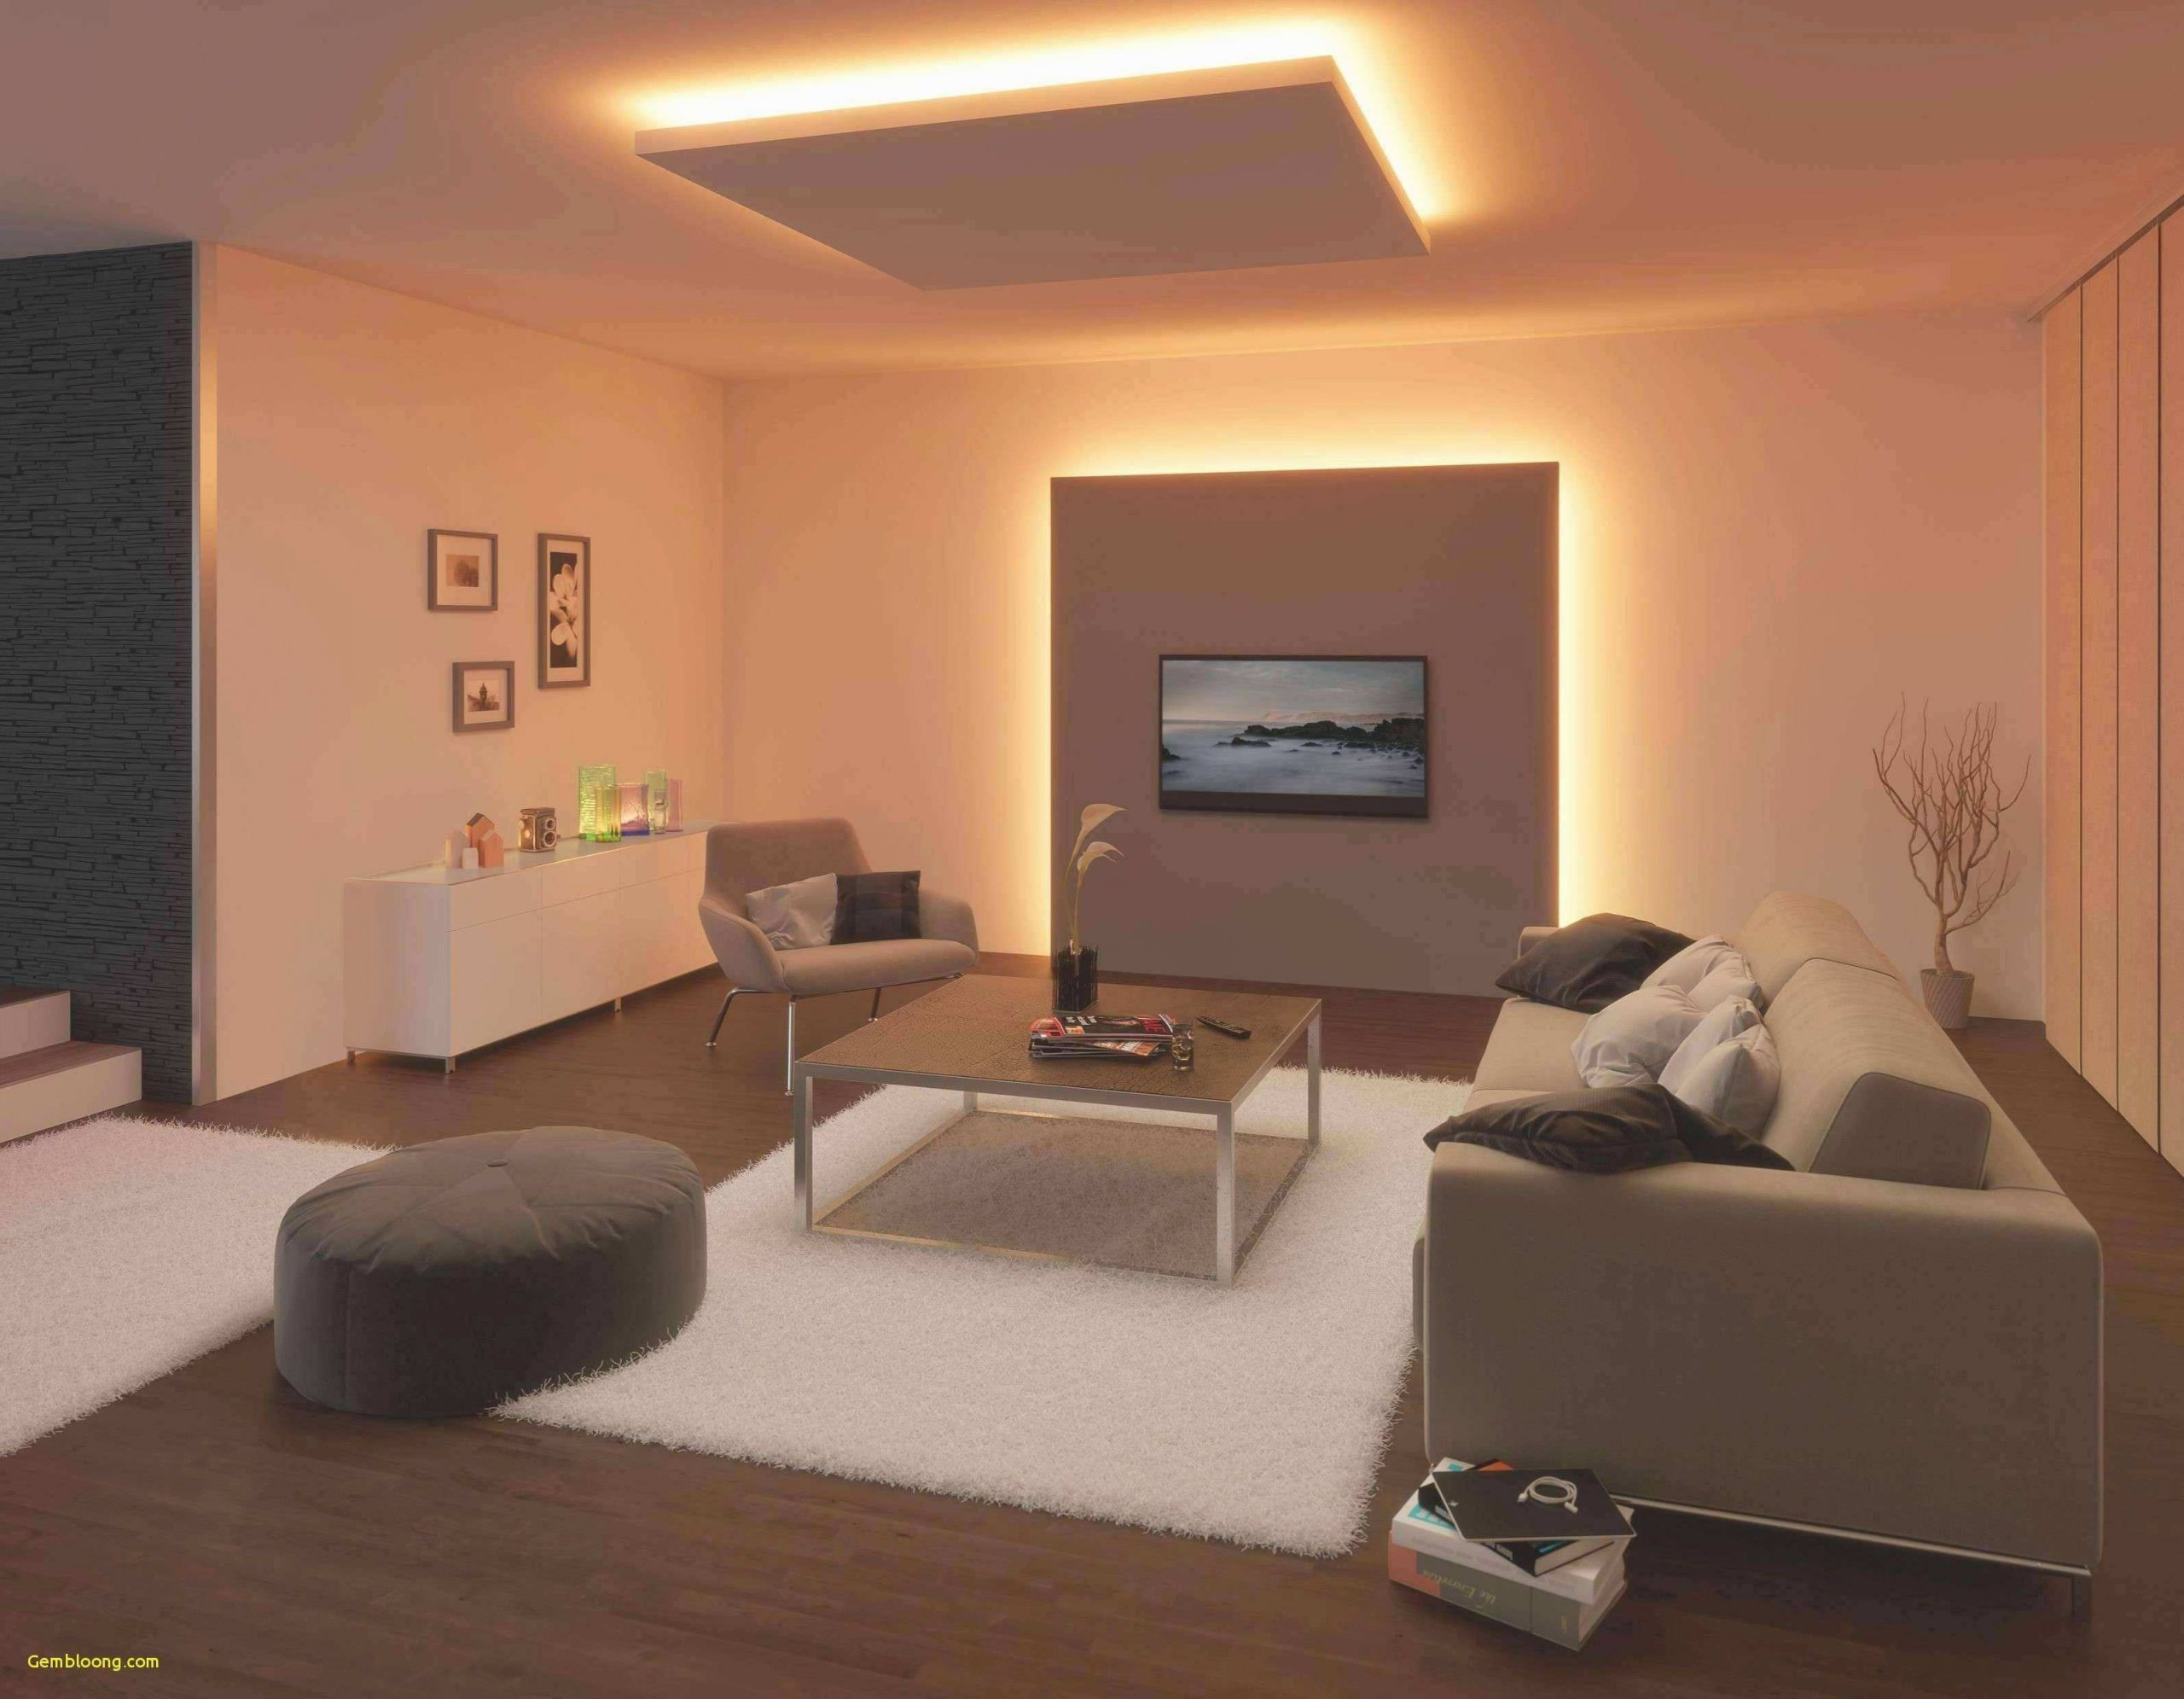 wanddeko wohnzimmer ideen das beste von wohnzimmer deko zum selber machen inspirierend of wanddeko wohnzimmer ideen